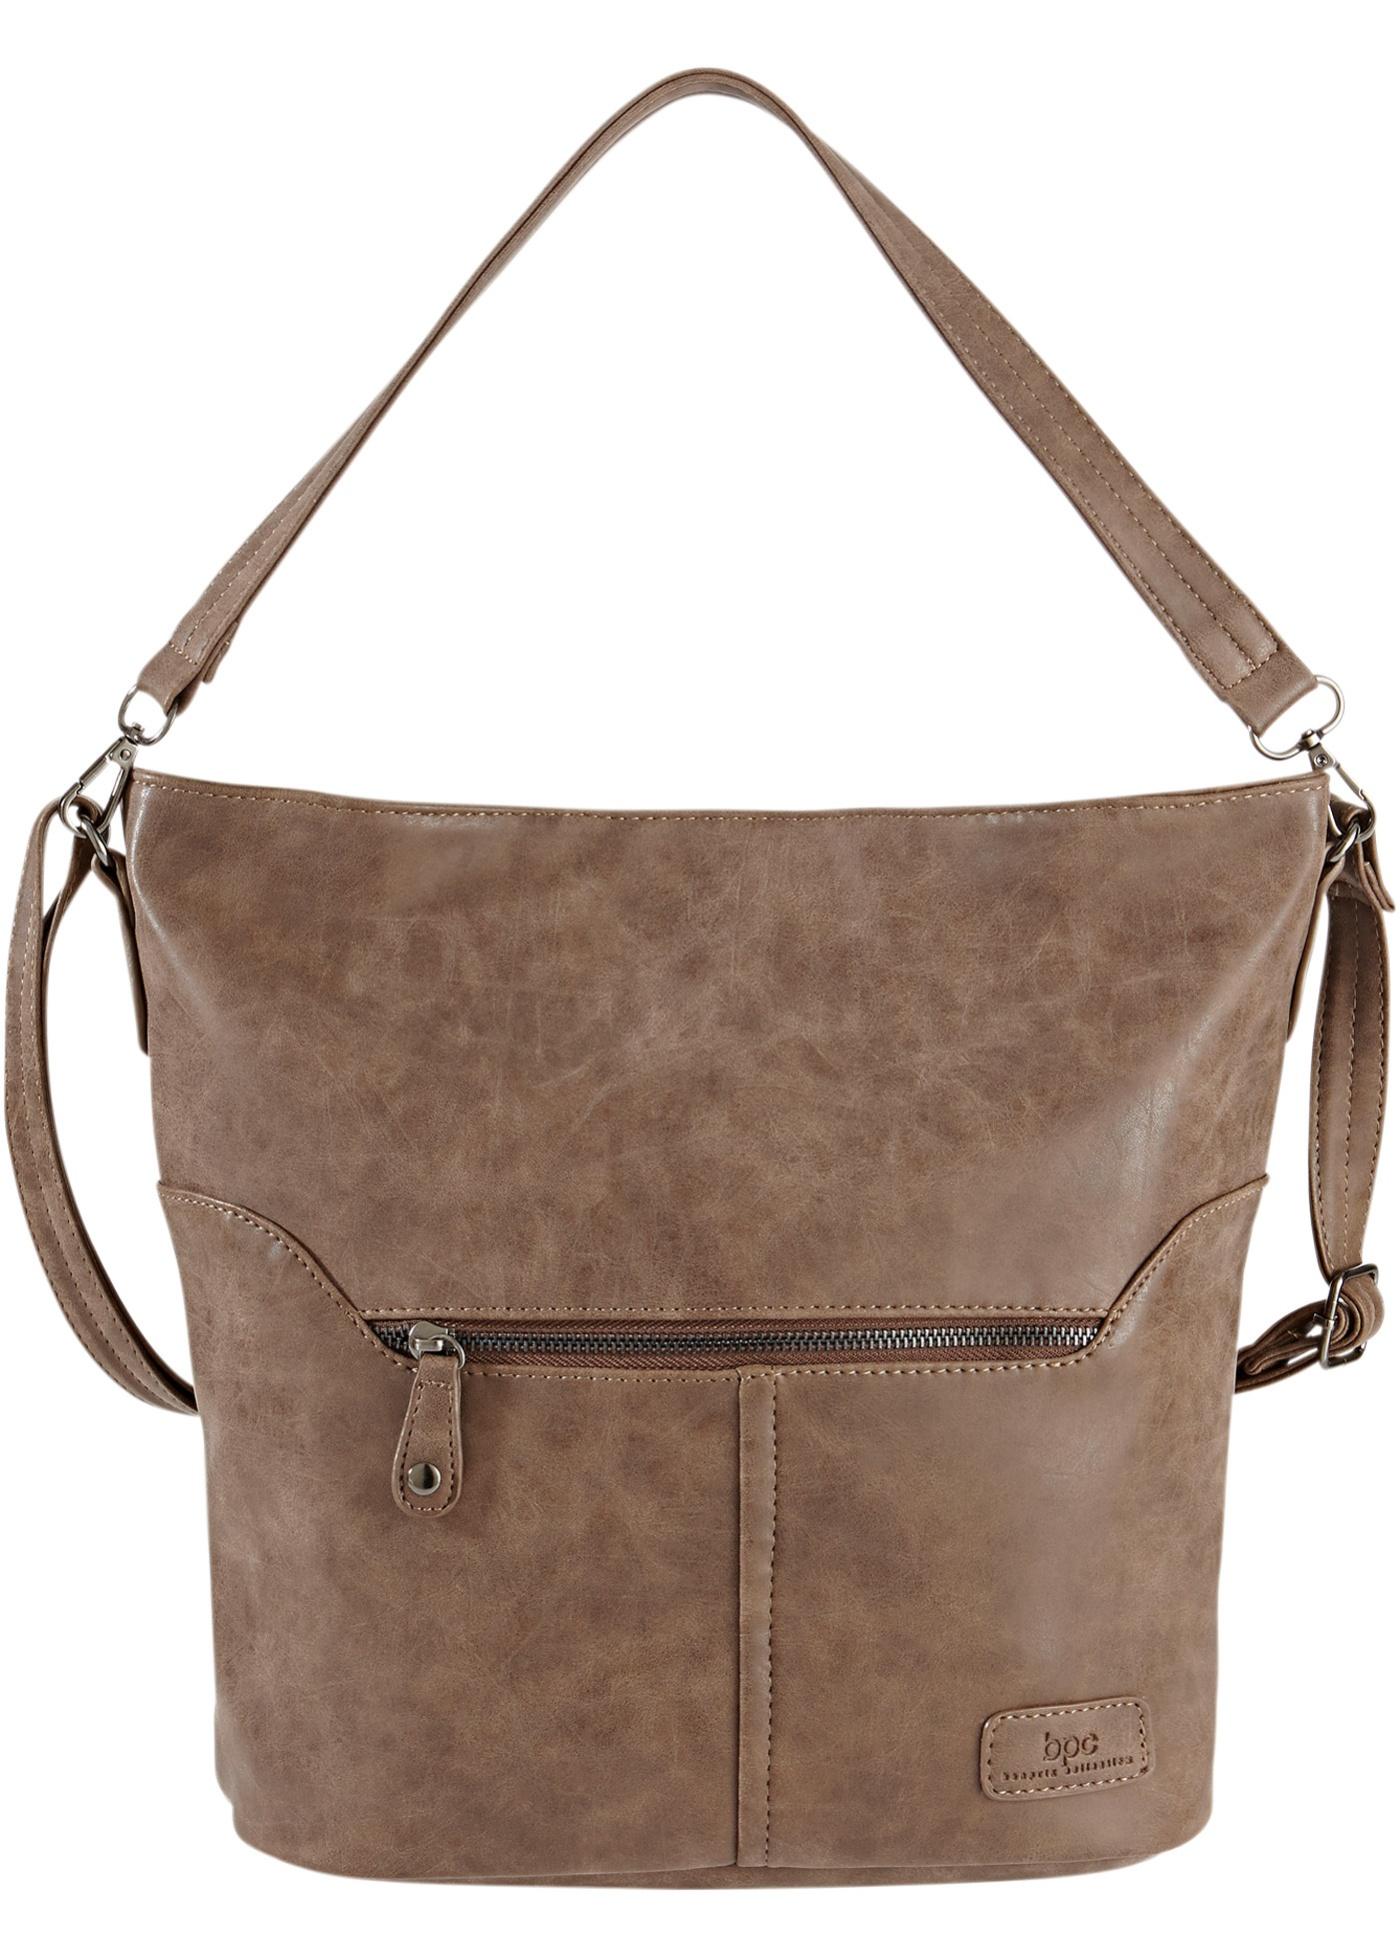 Nákupní kabelka Vintage - Hnědá 2b0165d0ac